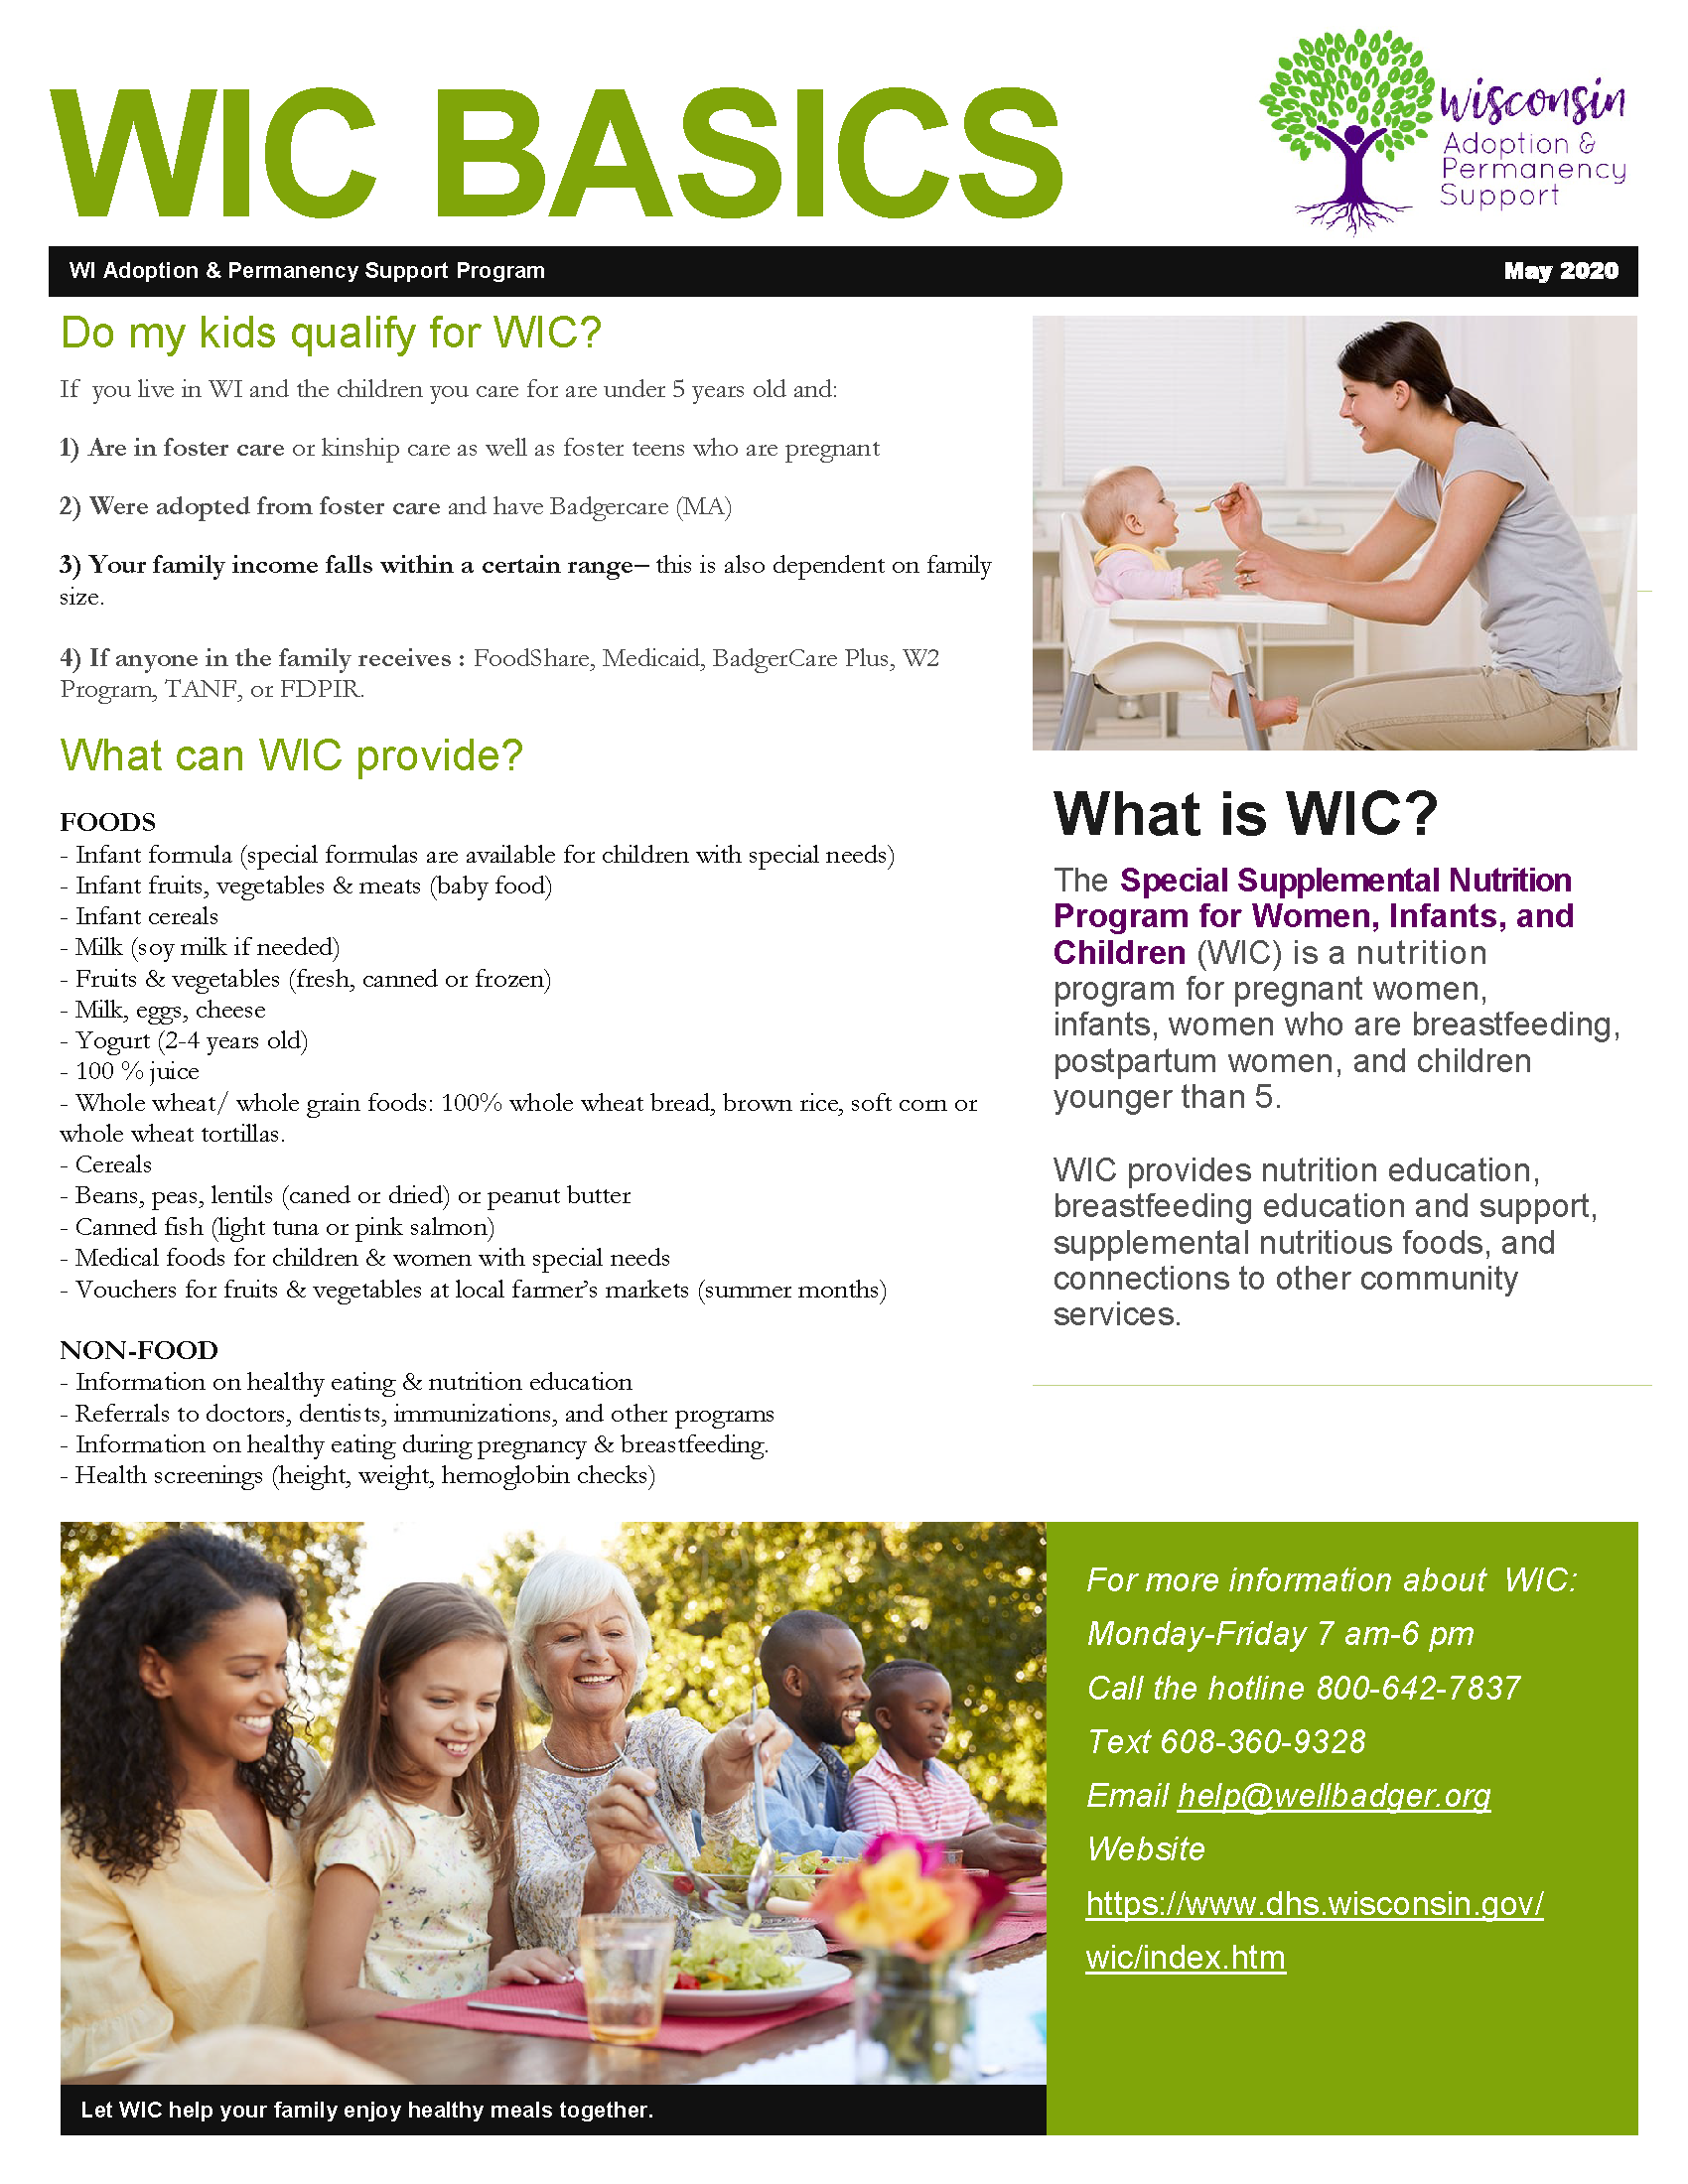 WIC Basics